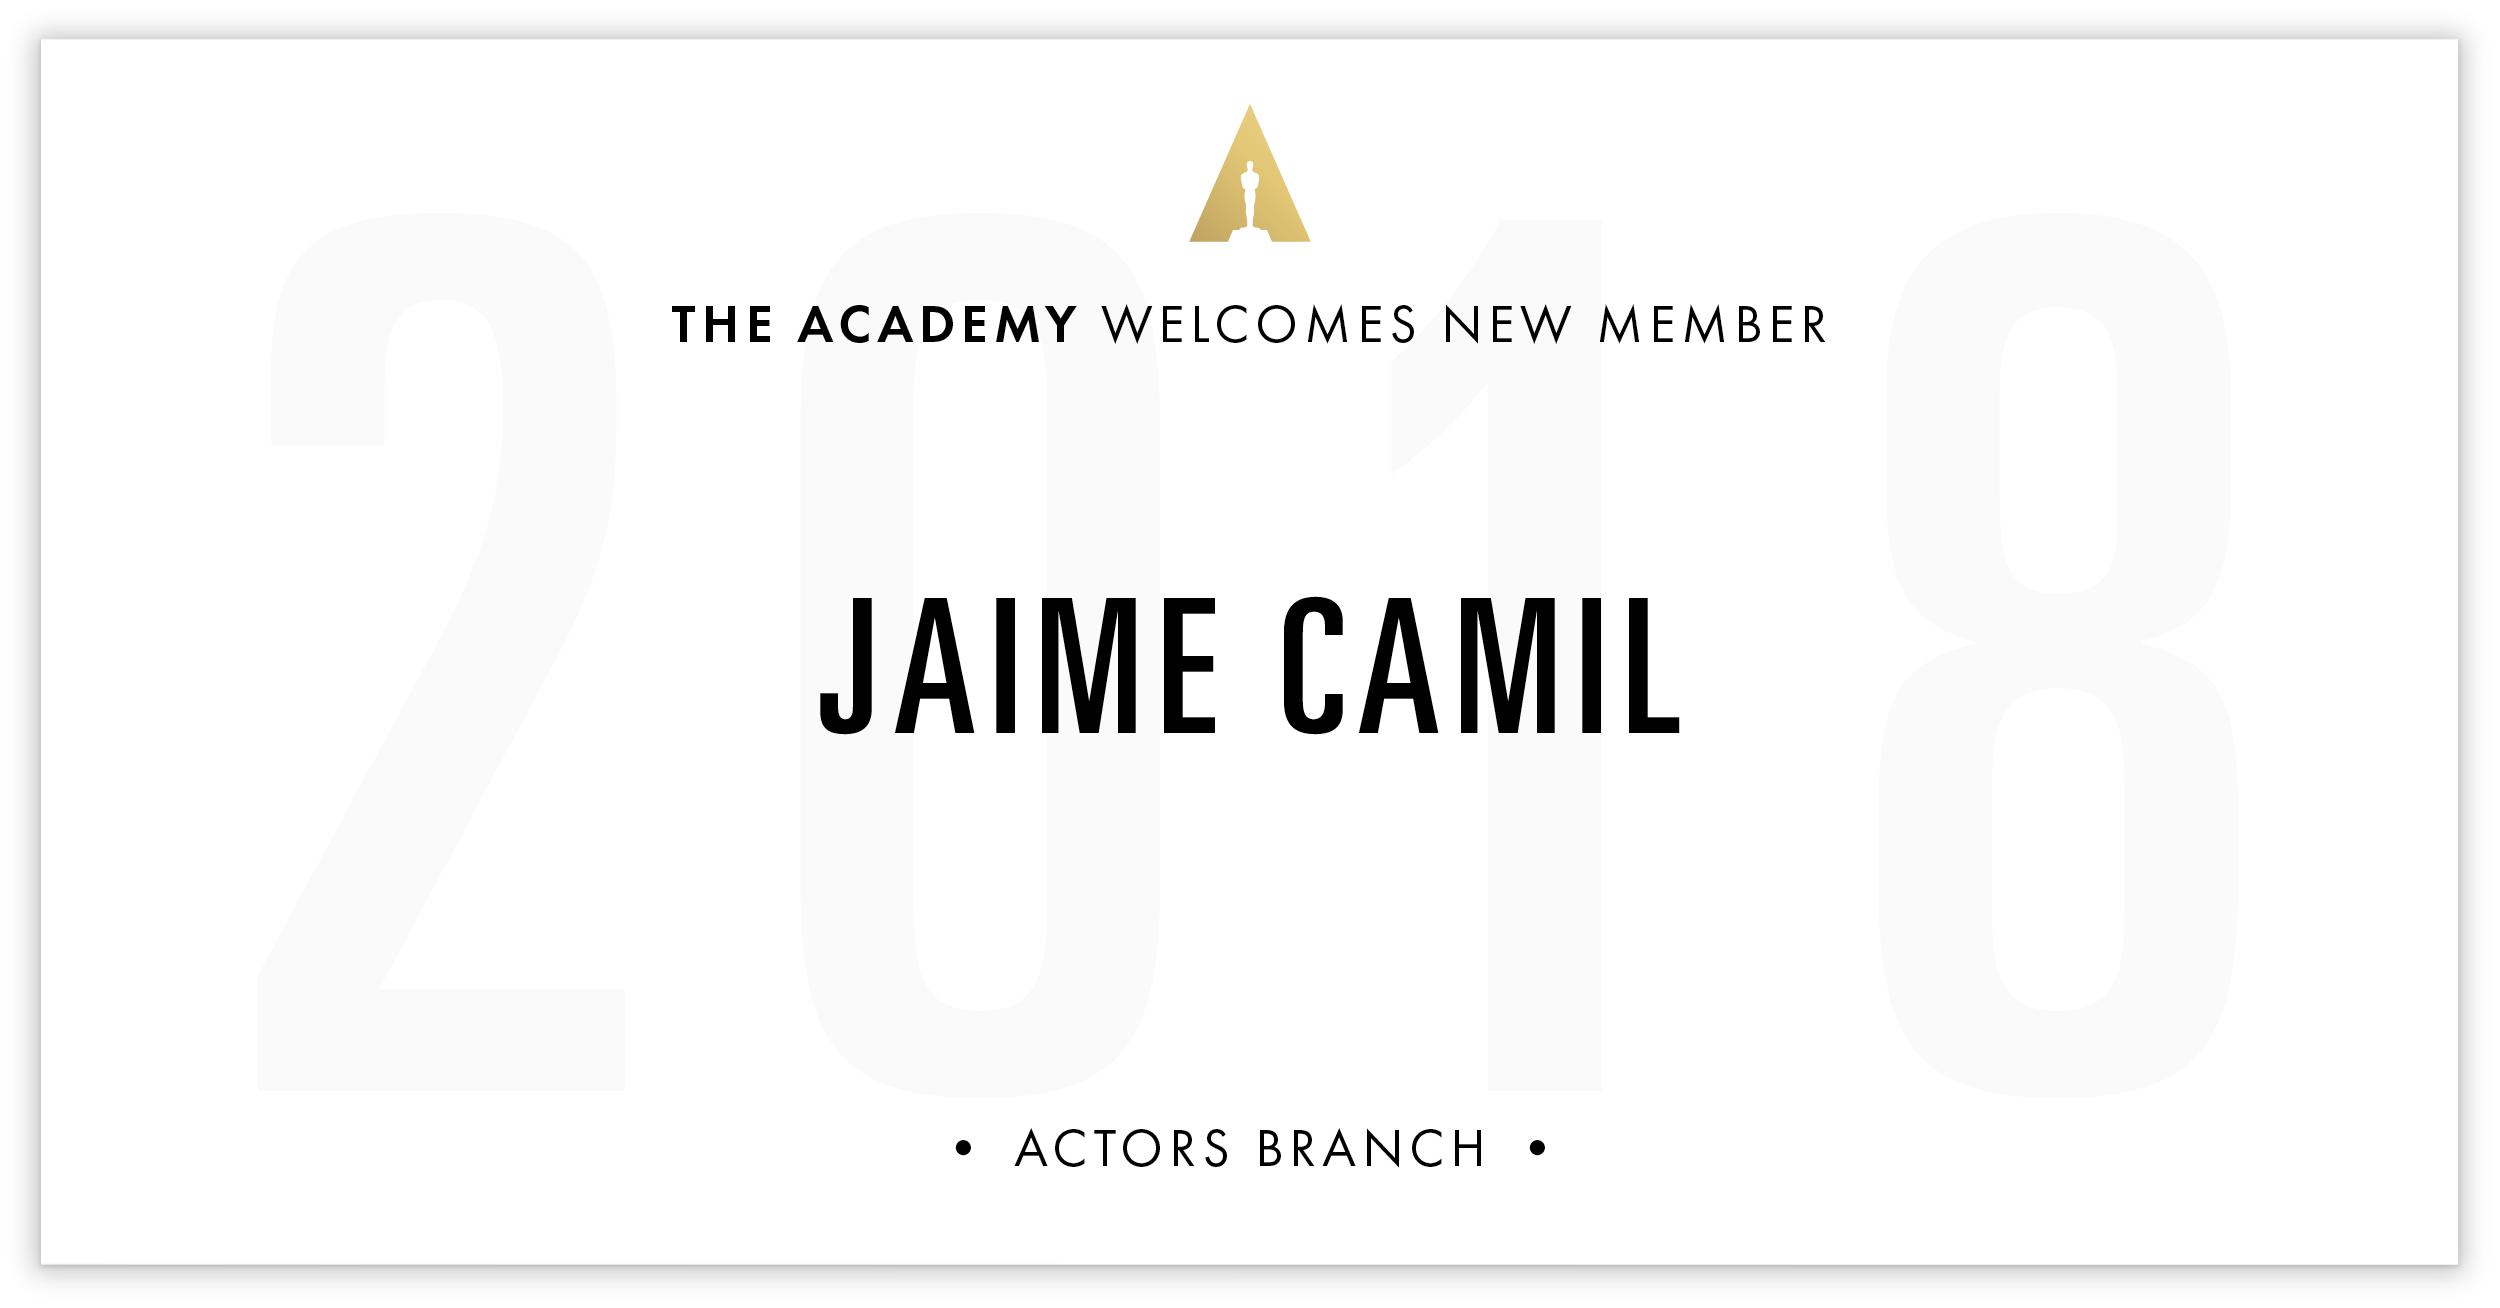 Jaime Camil is invited!